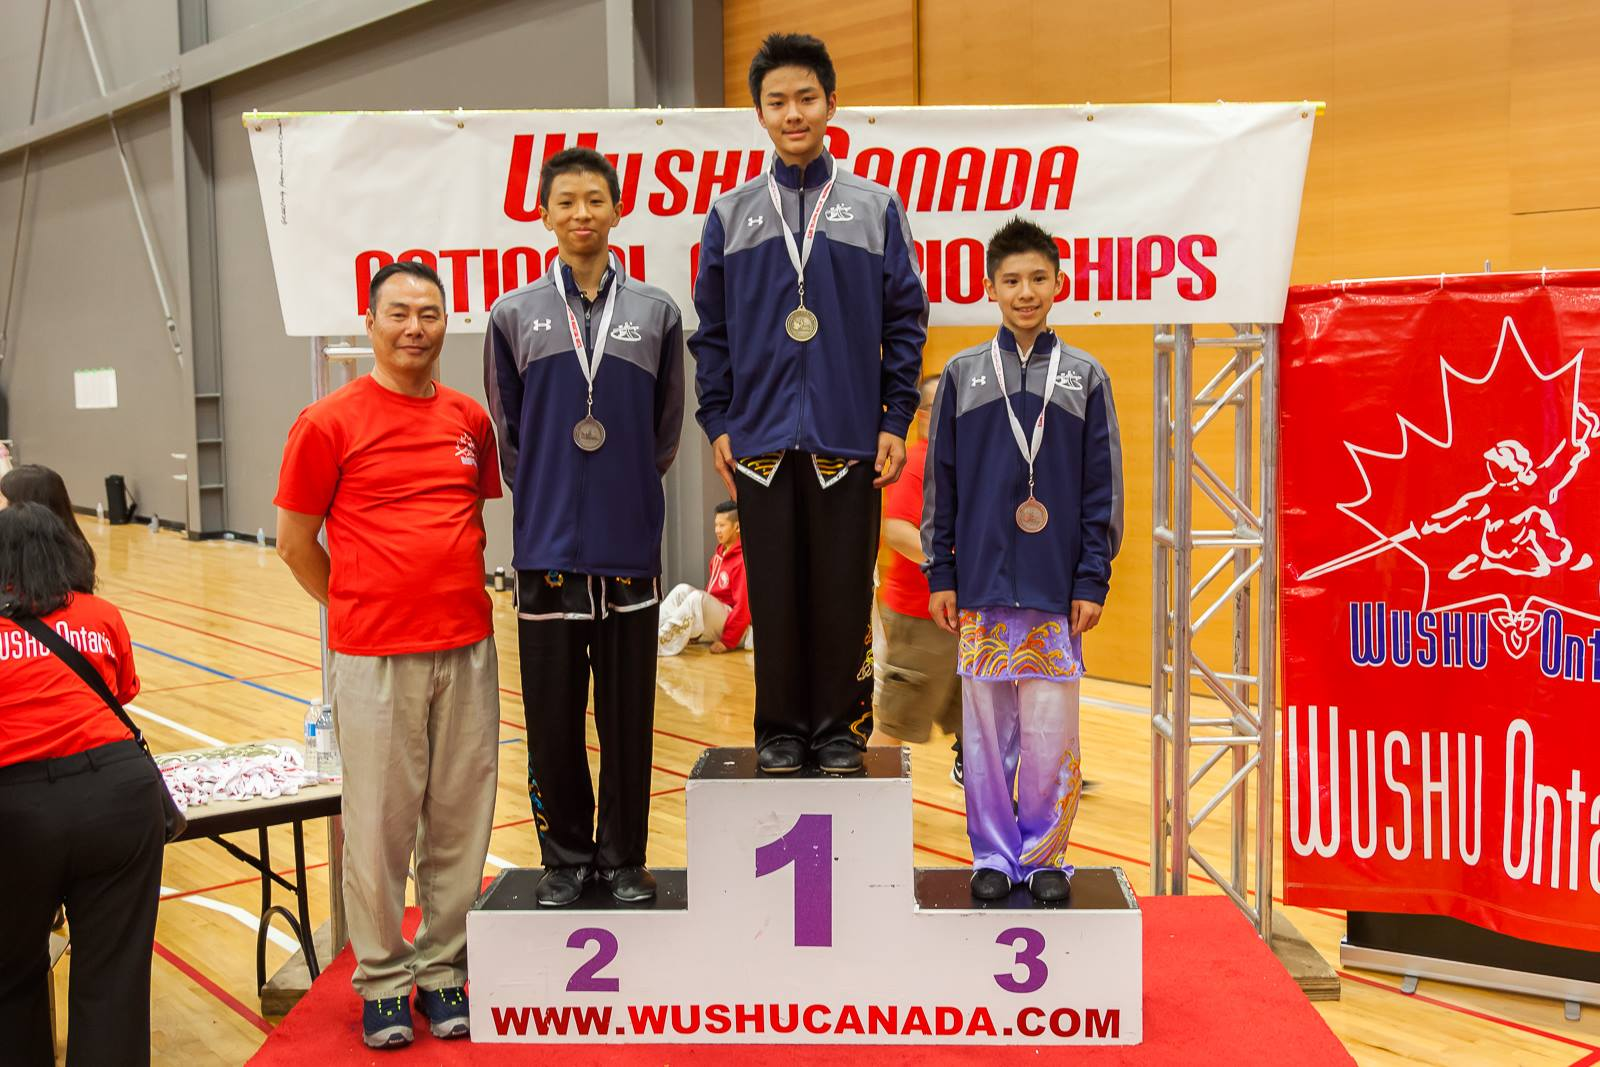 Wayland_Li_Wushu_National_Championships_Champions_2016_6.jpg